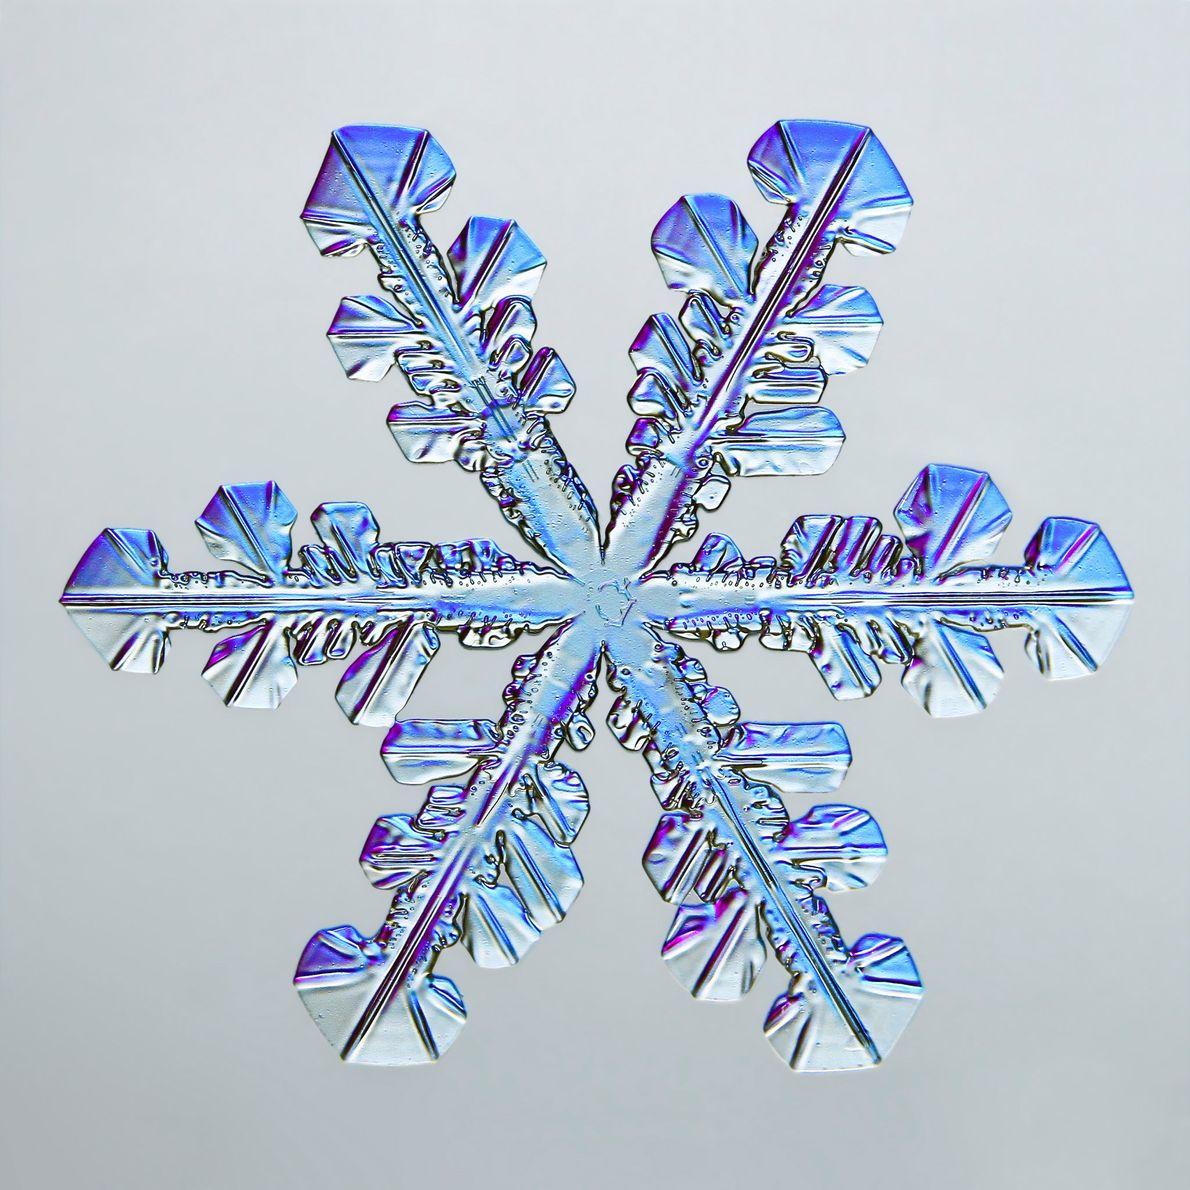 As diversas facetas hexagonais de um floco de neve brilham em azul e roxo devido à ...